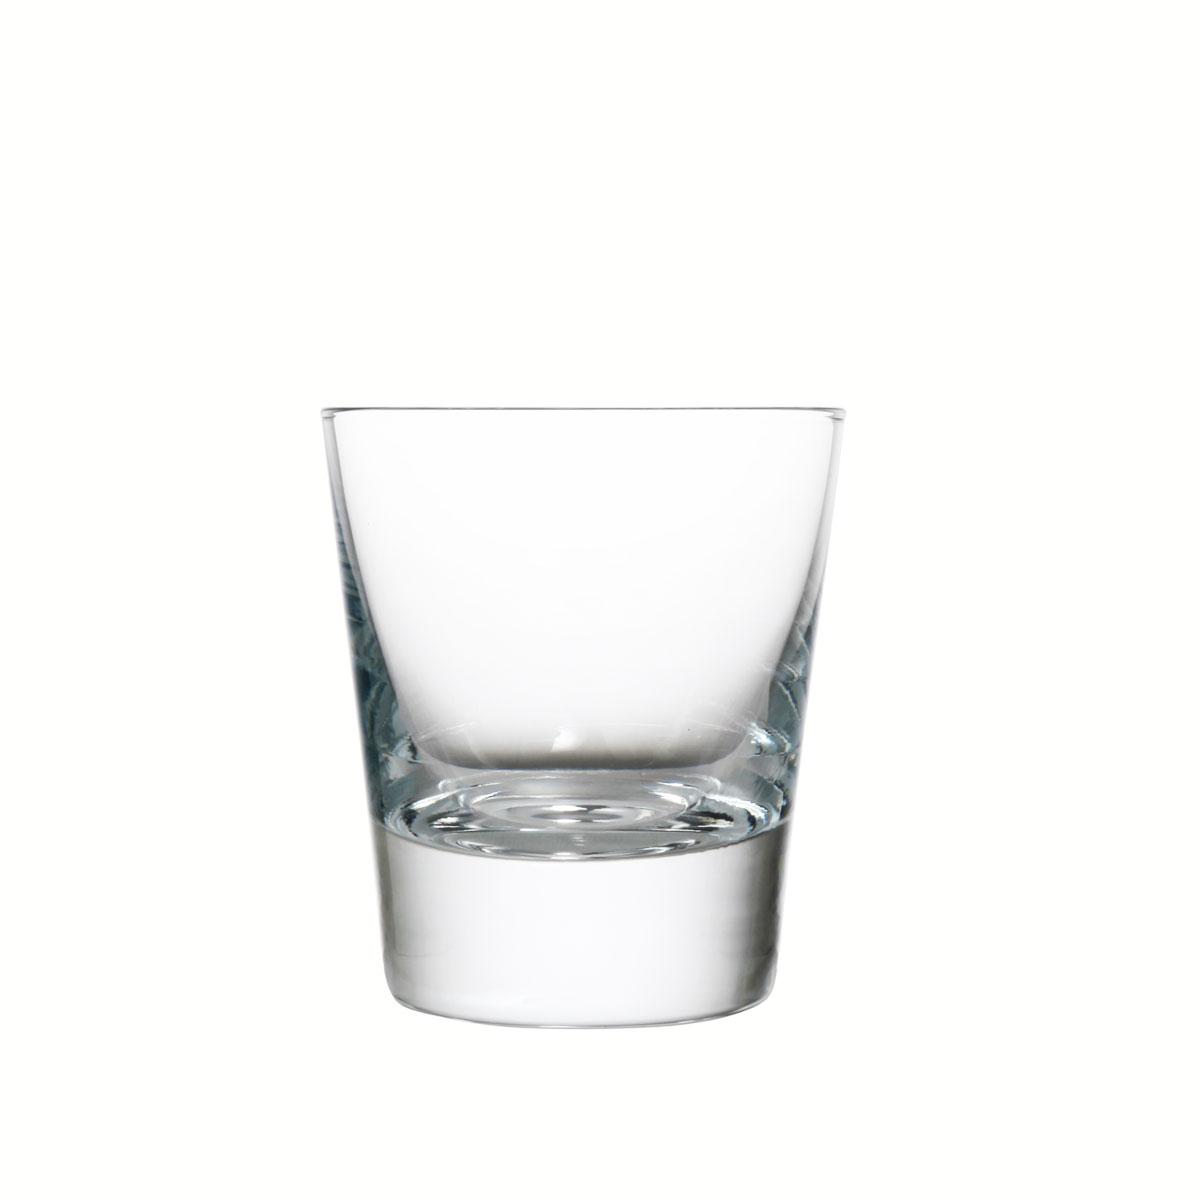 Schott Zwiesel Tritan Crystal, Tossa Whiskey, Single